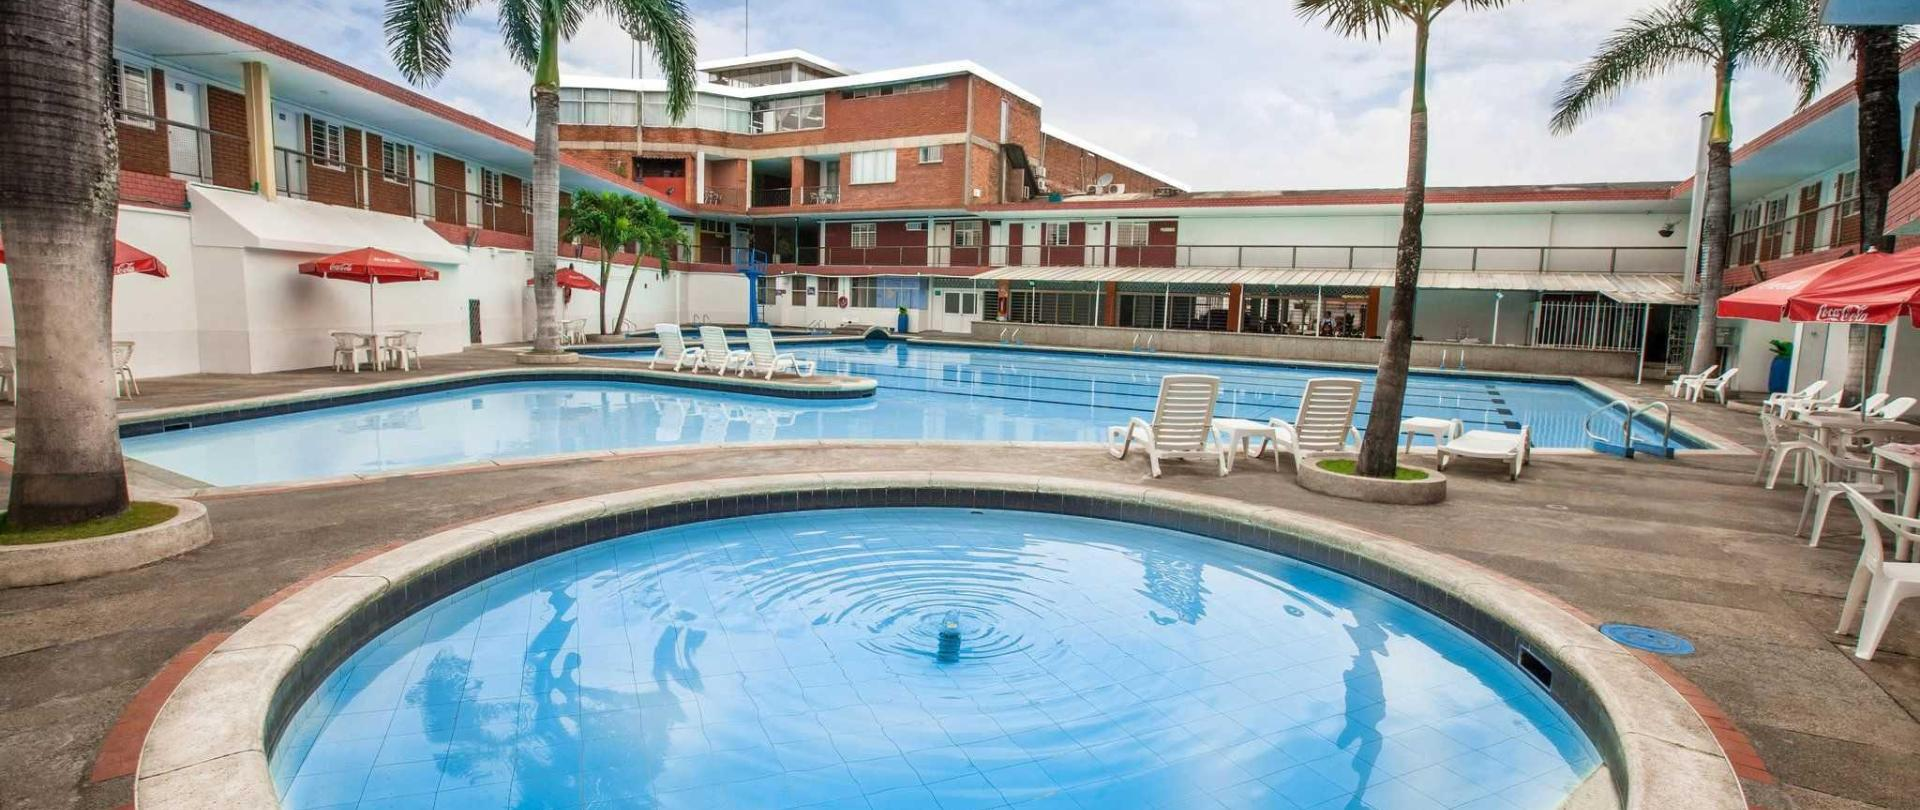 Hotel La Luna Cali Colombia